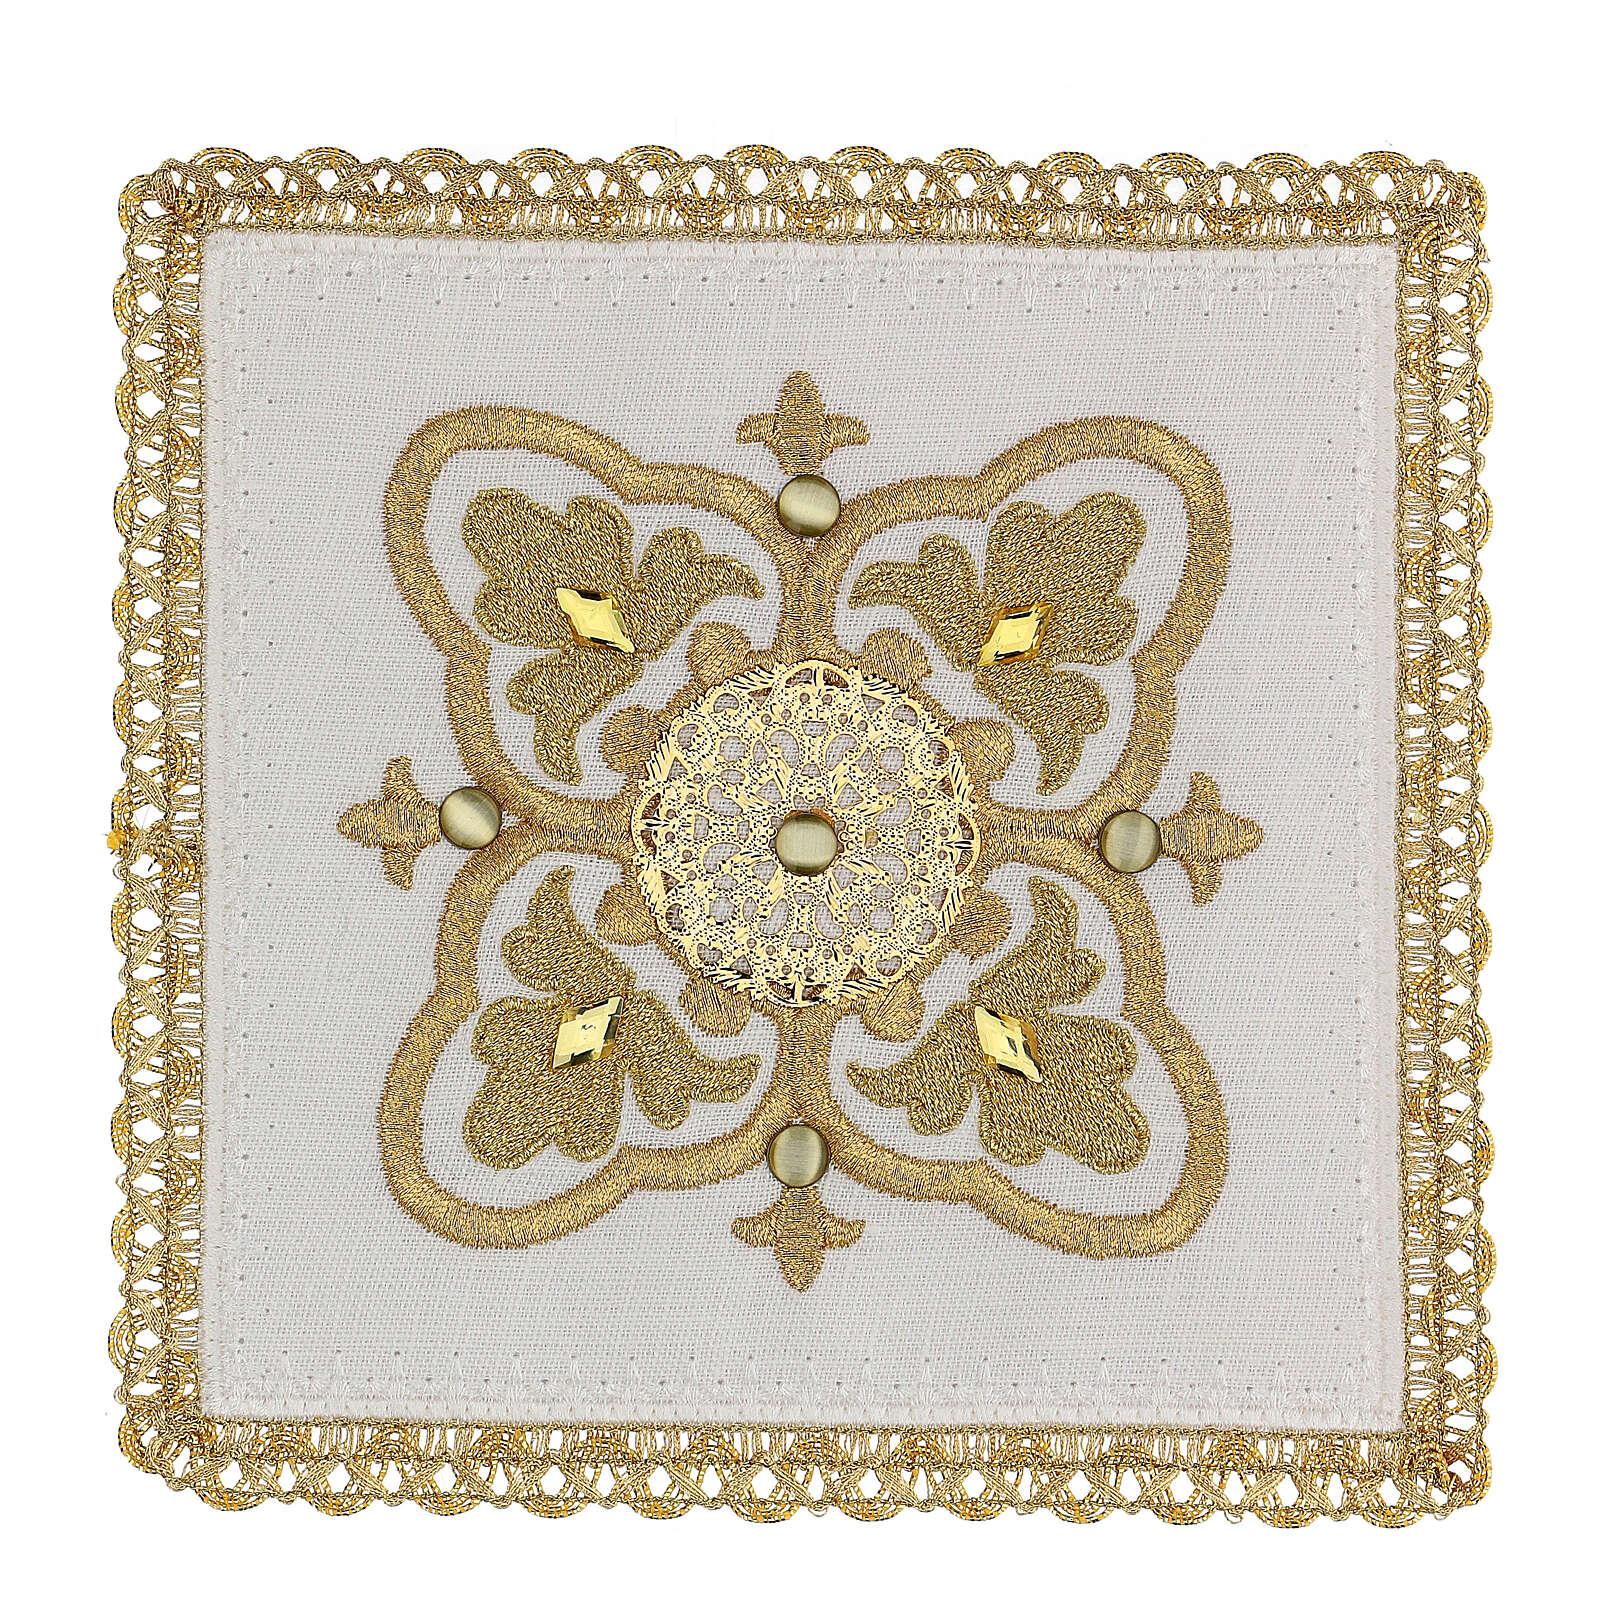 Servizio messa 4 pz. 100% lino decori oro Limited Edition 4